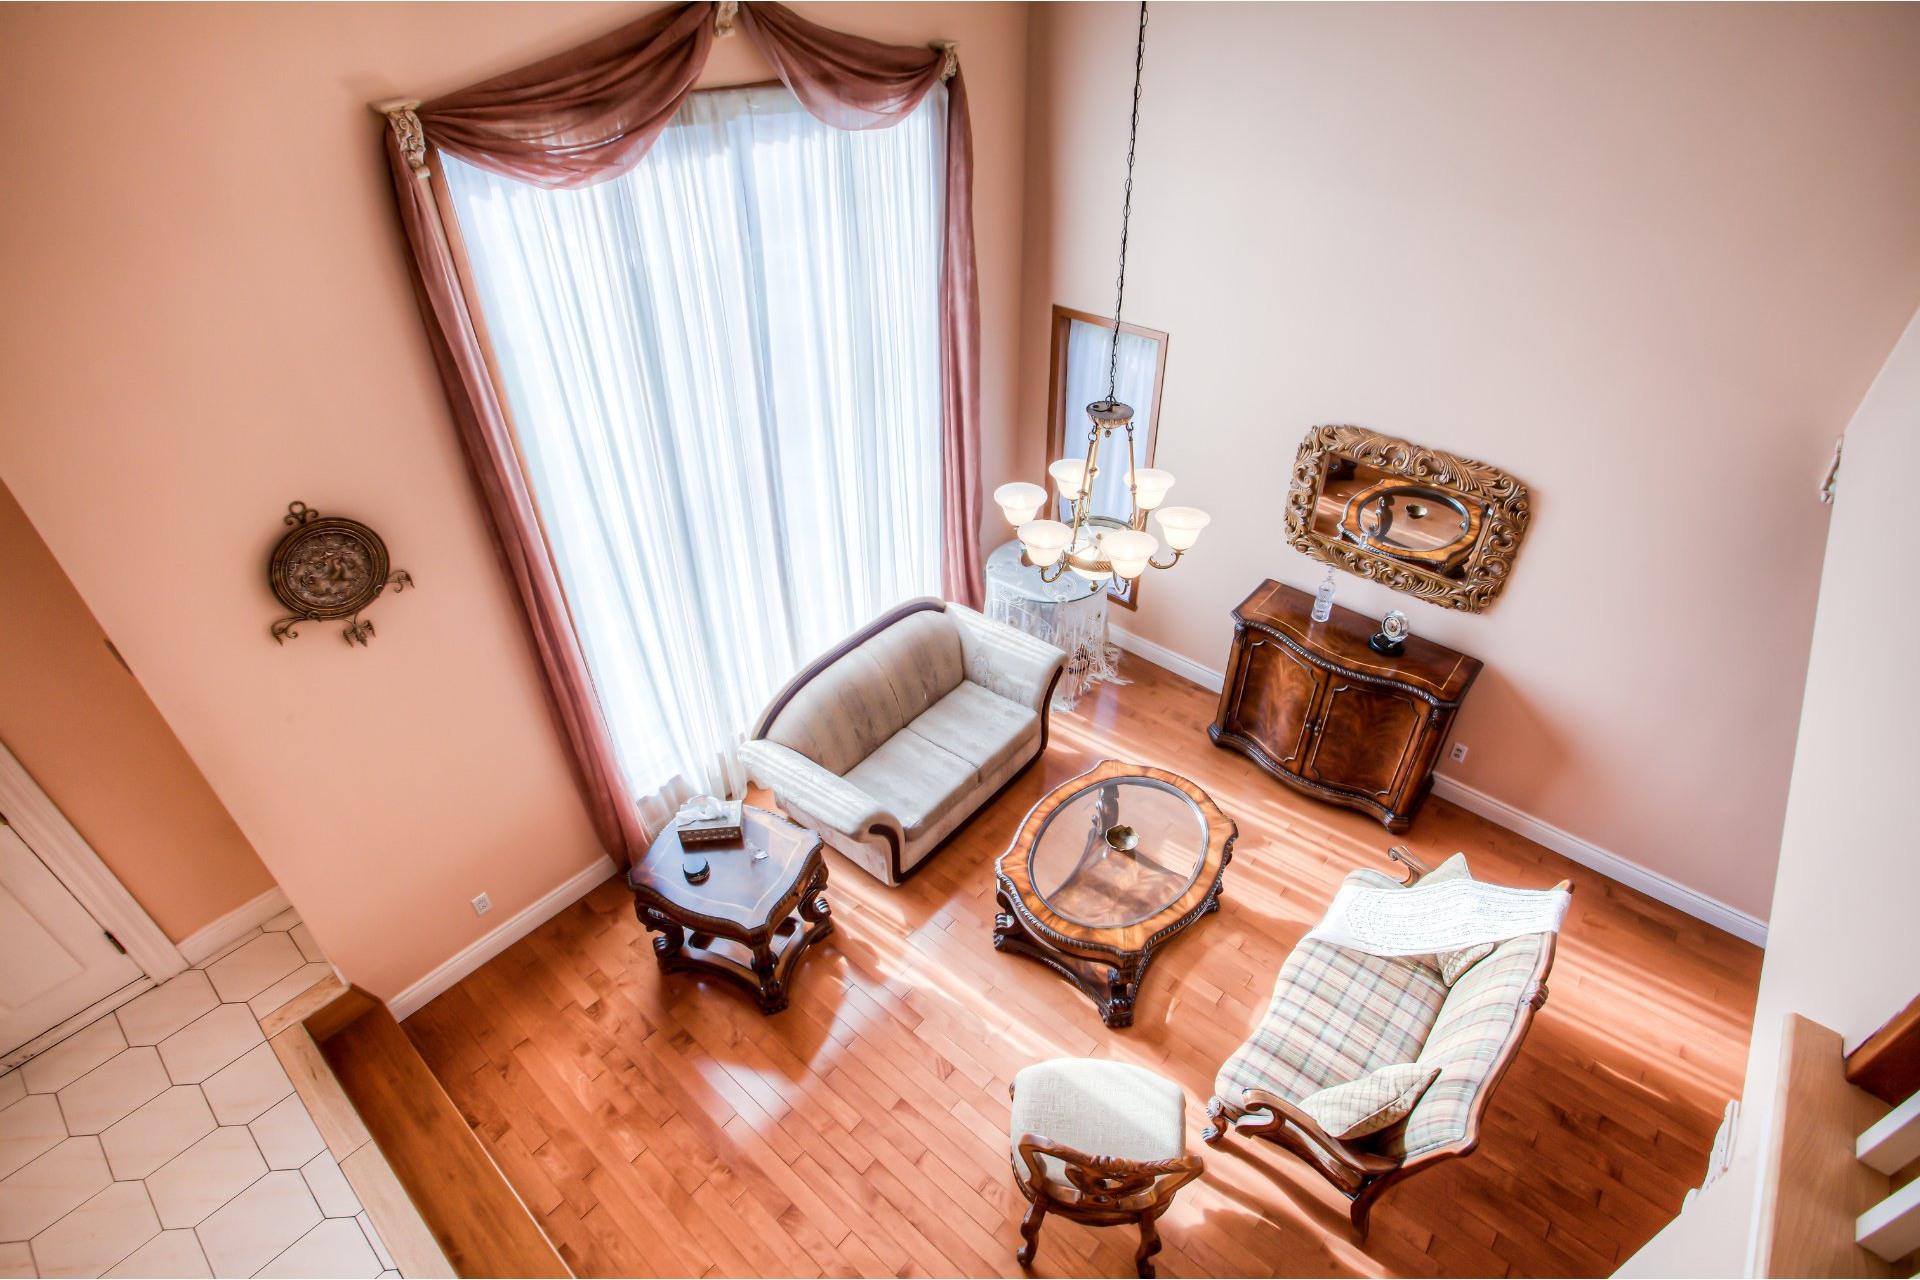 image 5 - House For sale L'Île-Bizard/Sainte-Geneviève Montréal  - 14 rooms